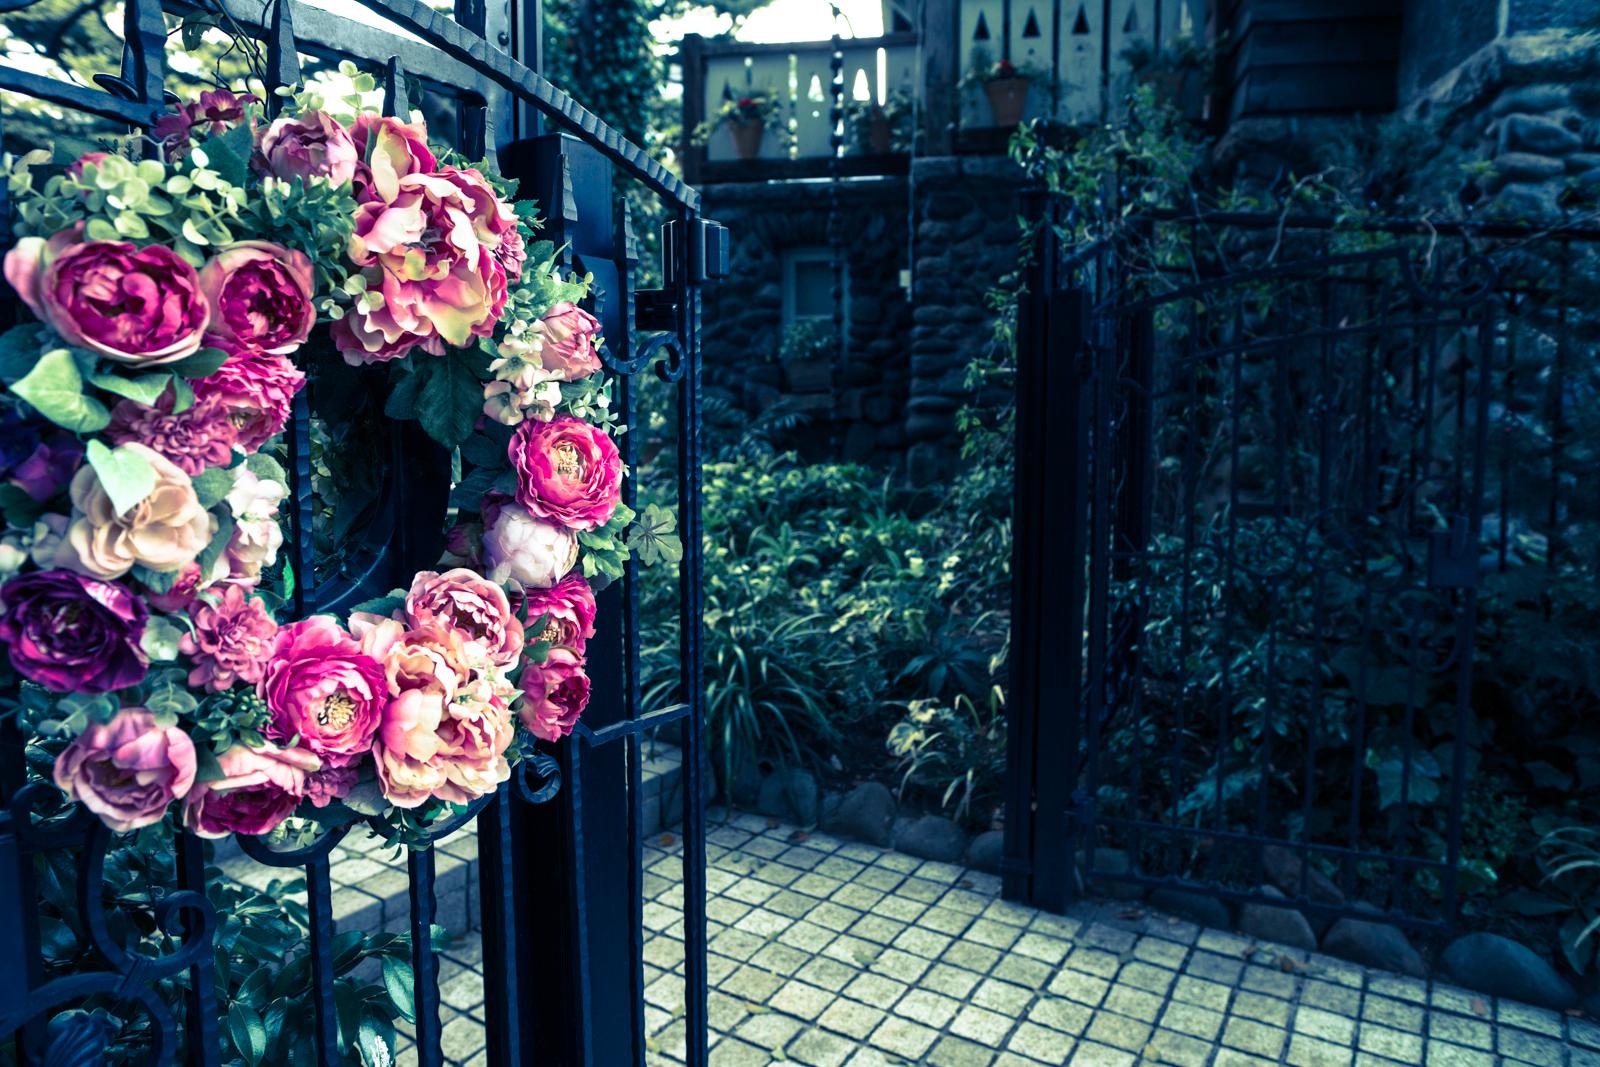 クロスプロセスでRAW現像した花と門の写真